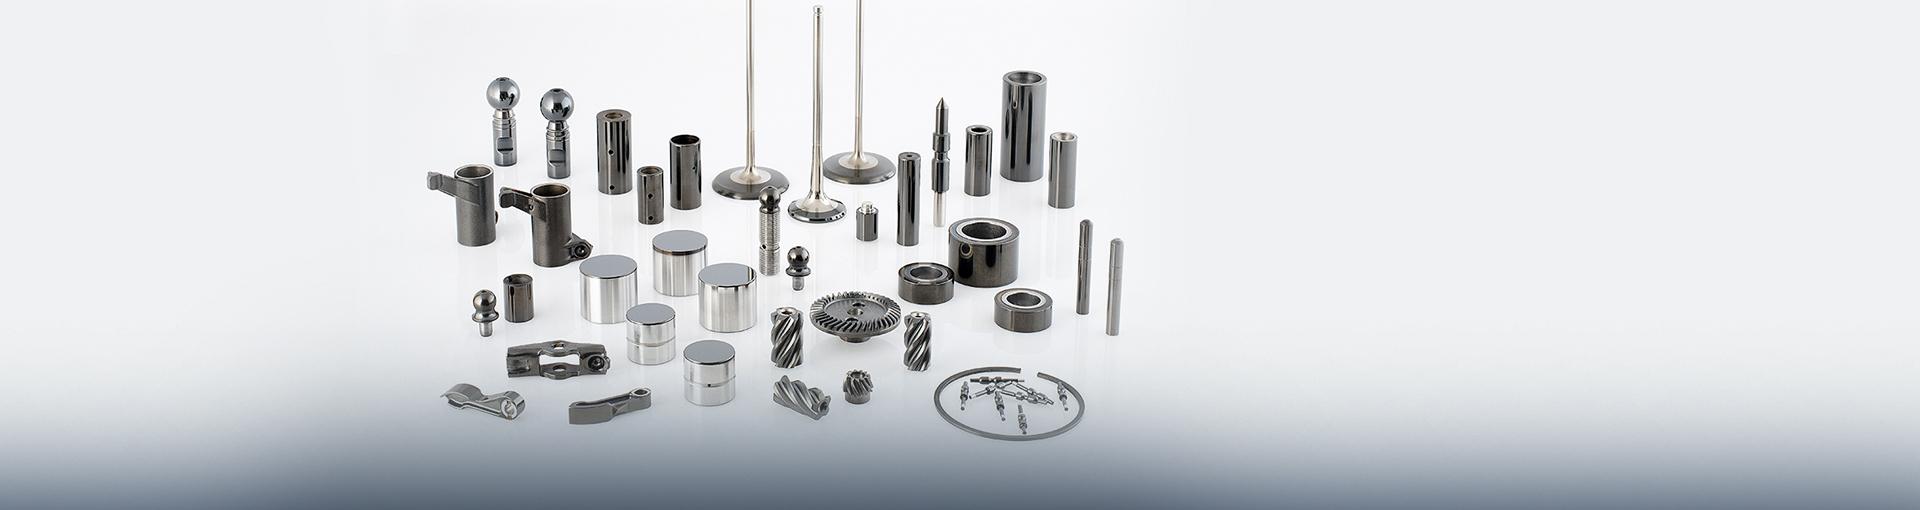 Componentes com revestimento de DLC - Certess™ Carbon